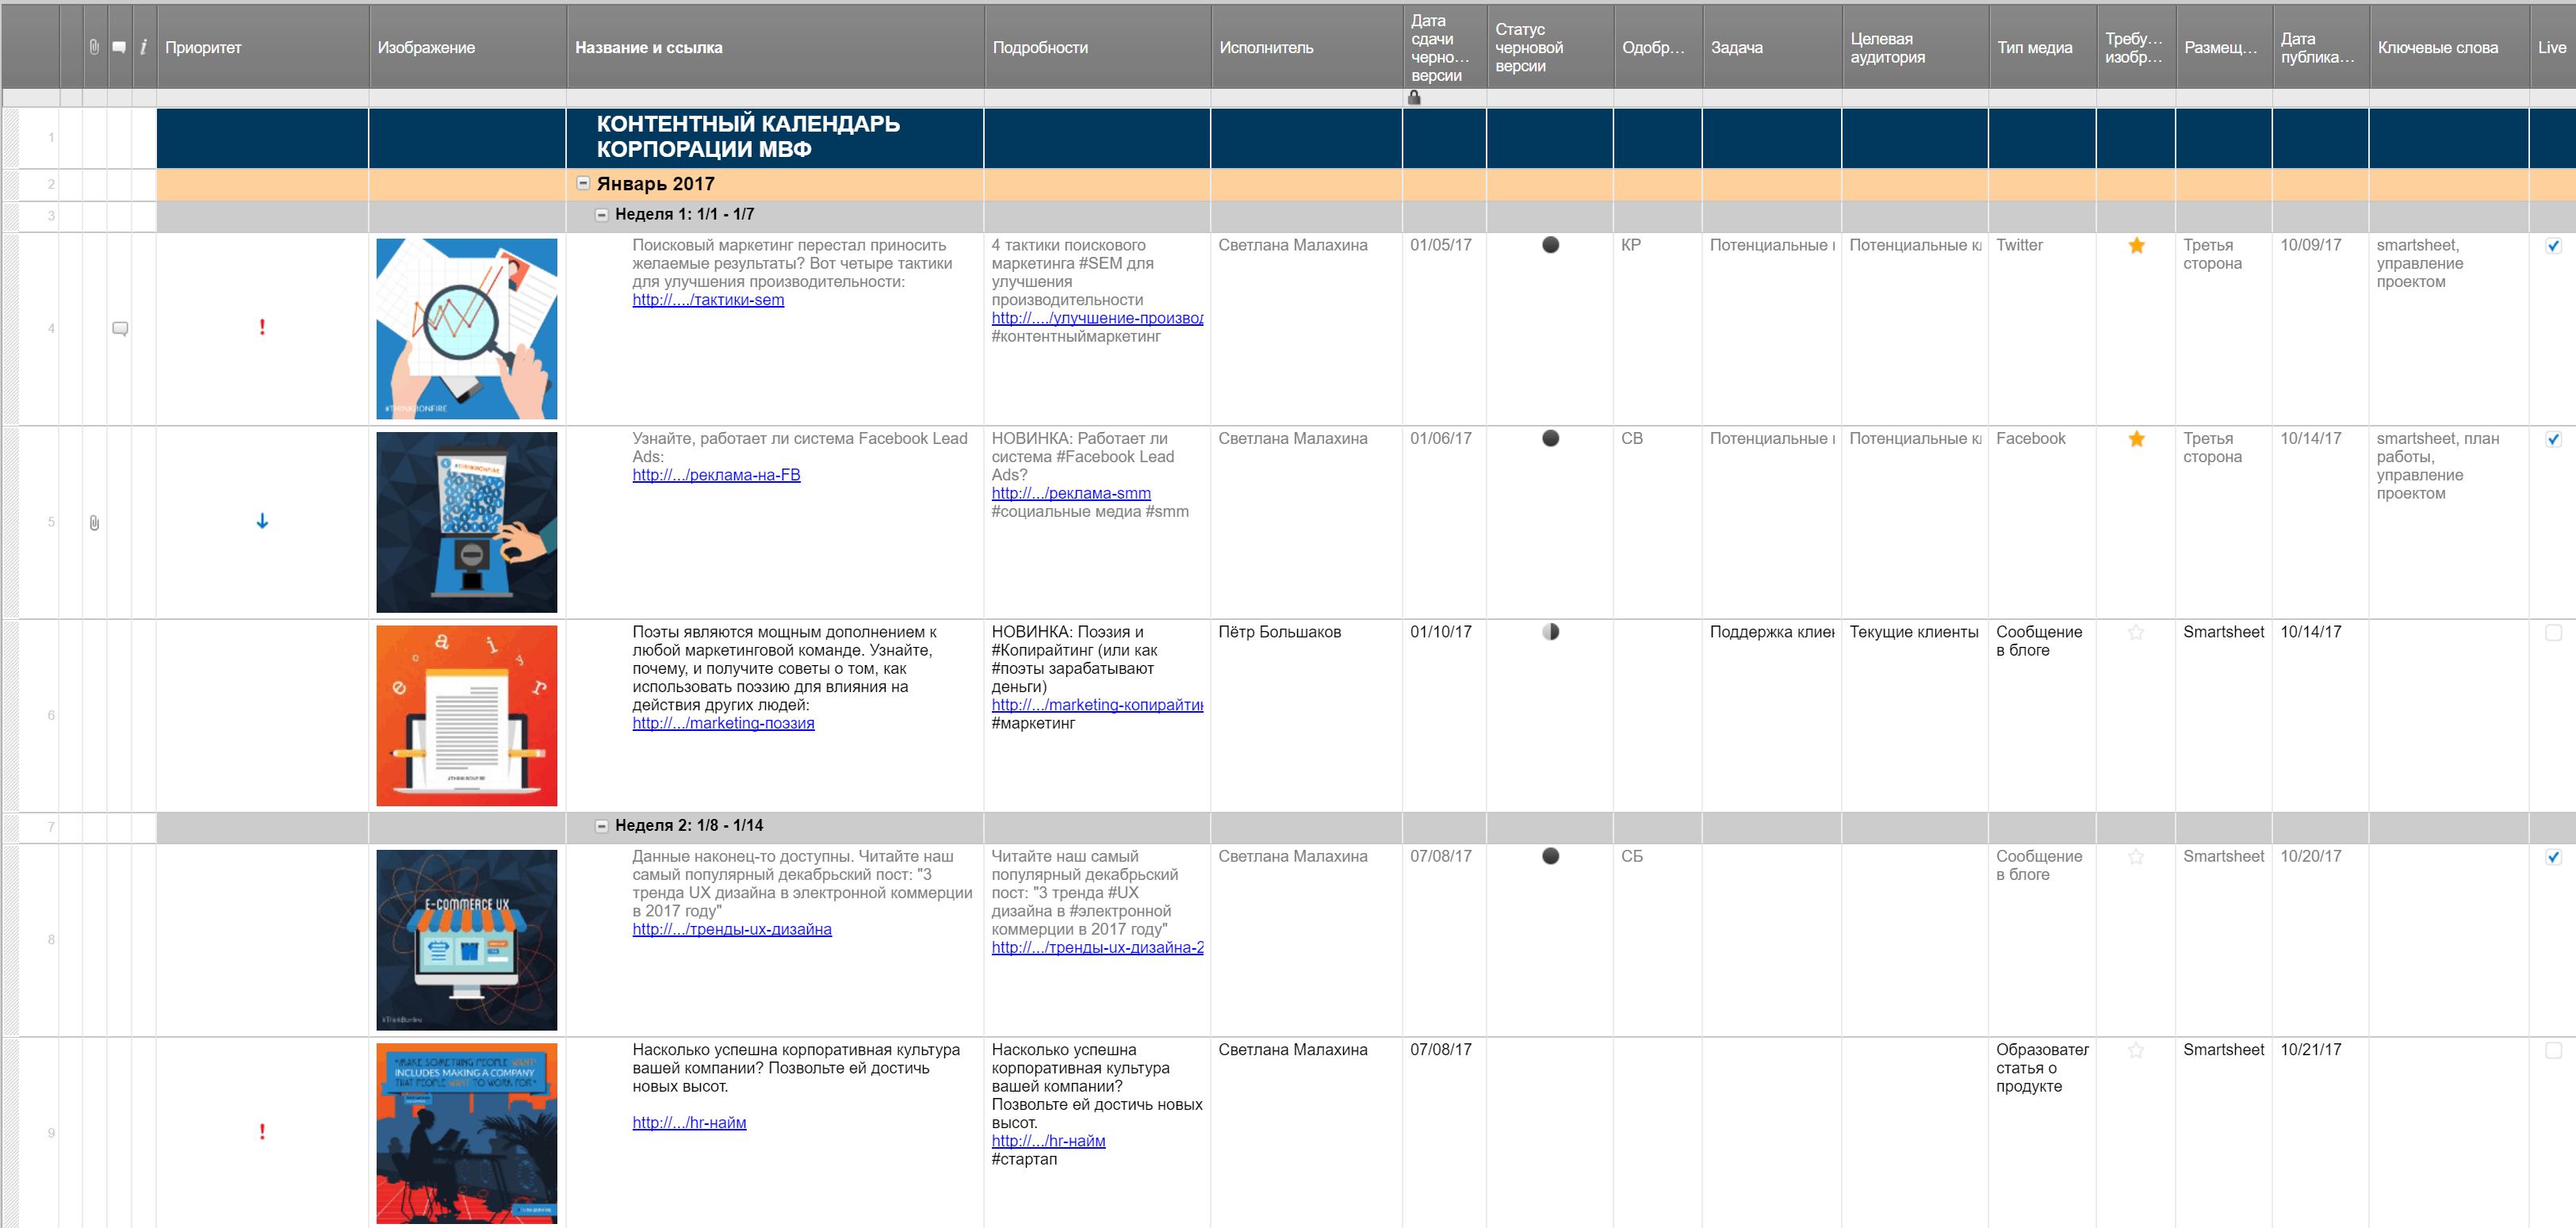 9 Шаблонов Маркетингового Календаря Excel Бесплатно  Smartsheet with Smartsheet Marketing Calendar